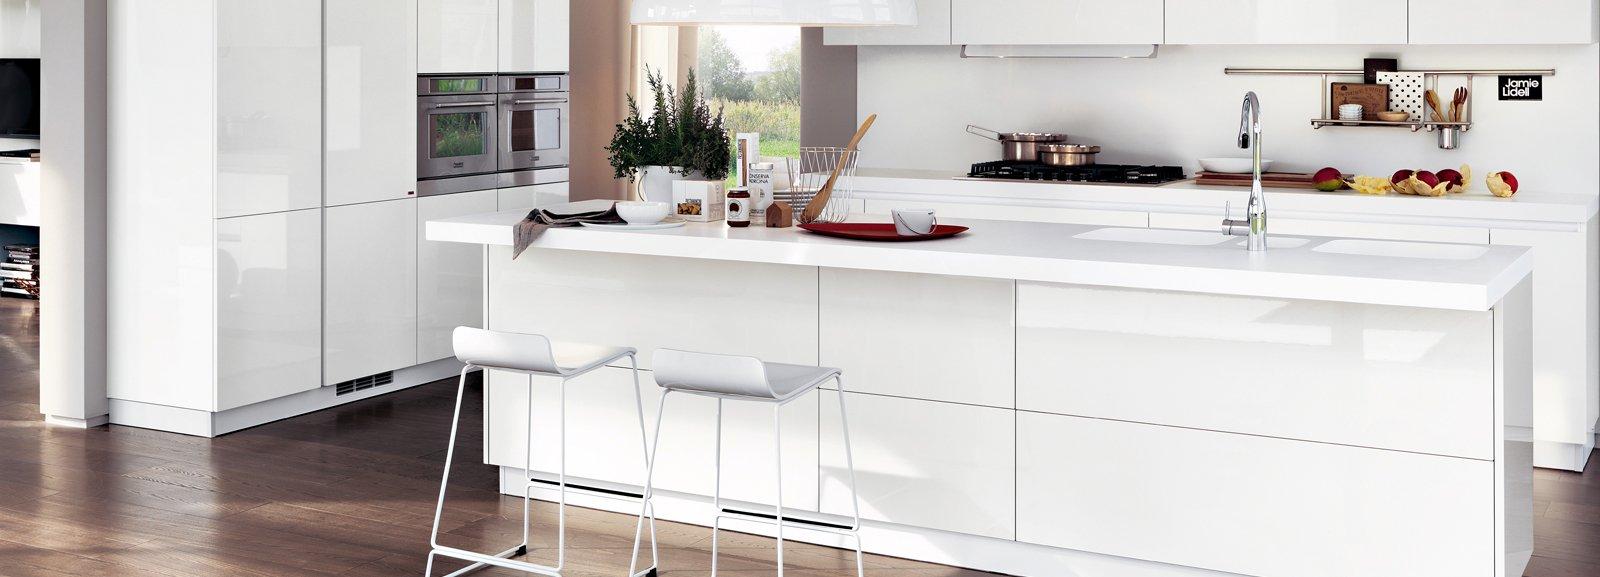 Cucina: la voglio tutta bianca - Cose di Casa